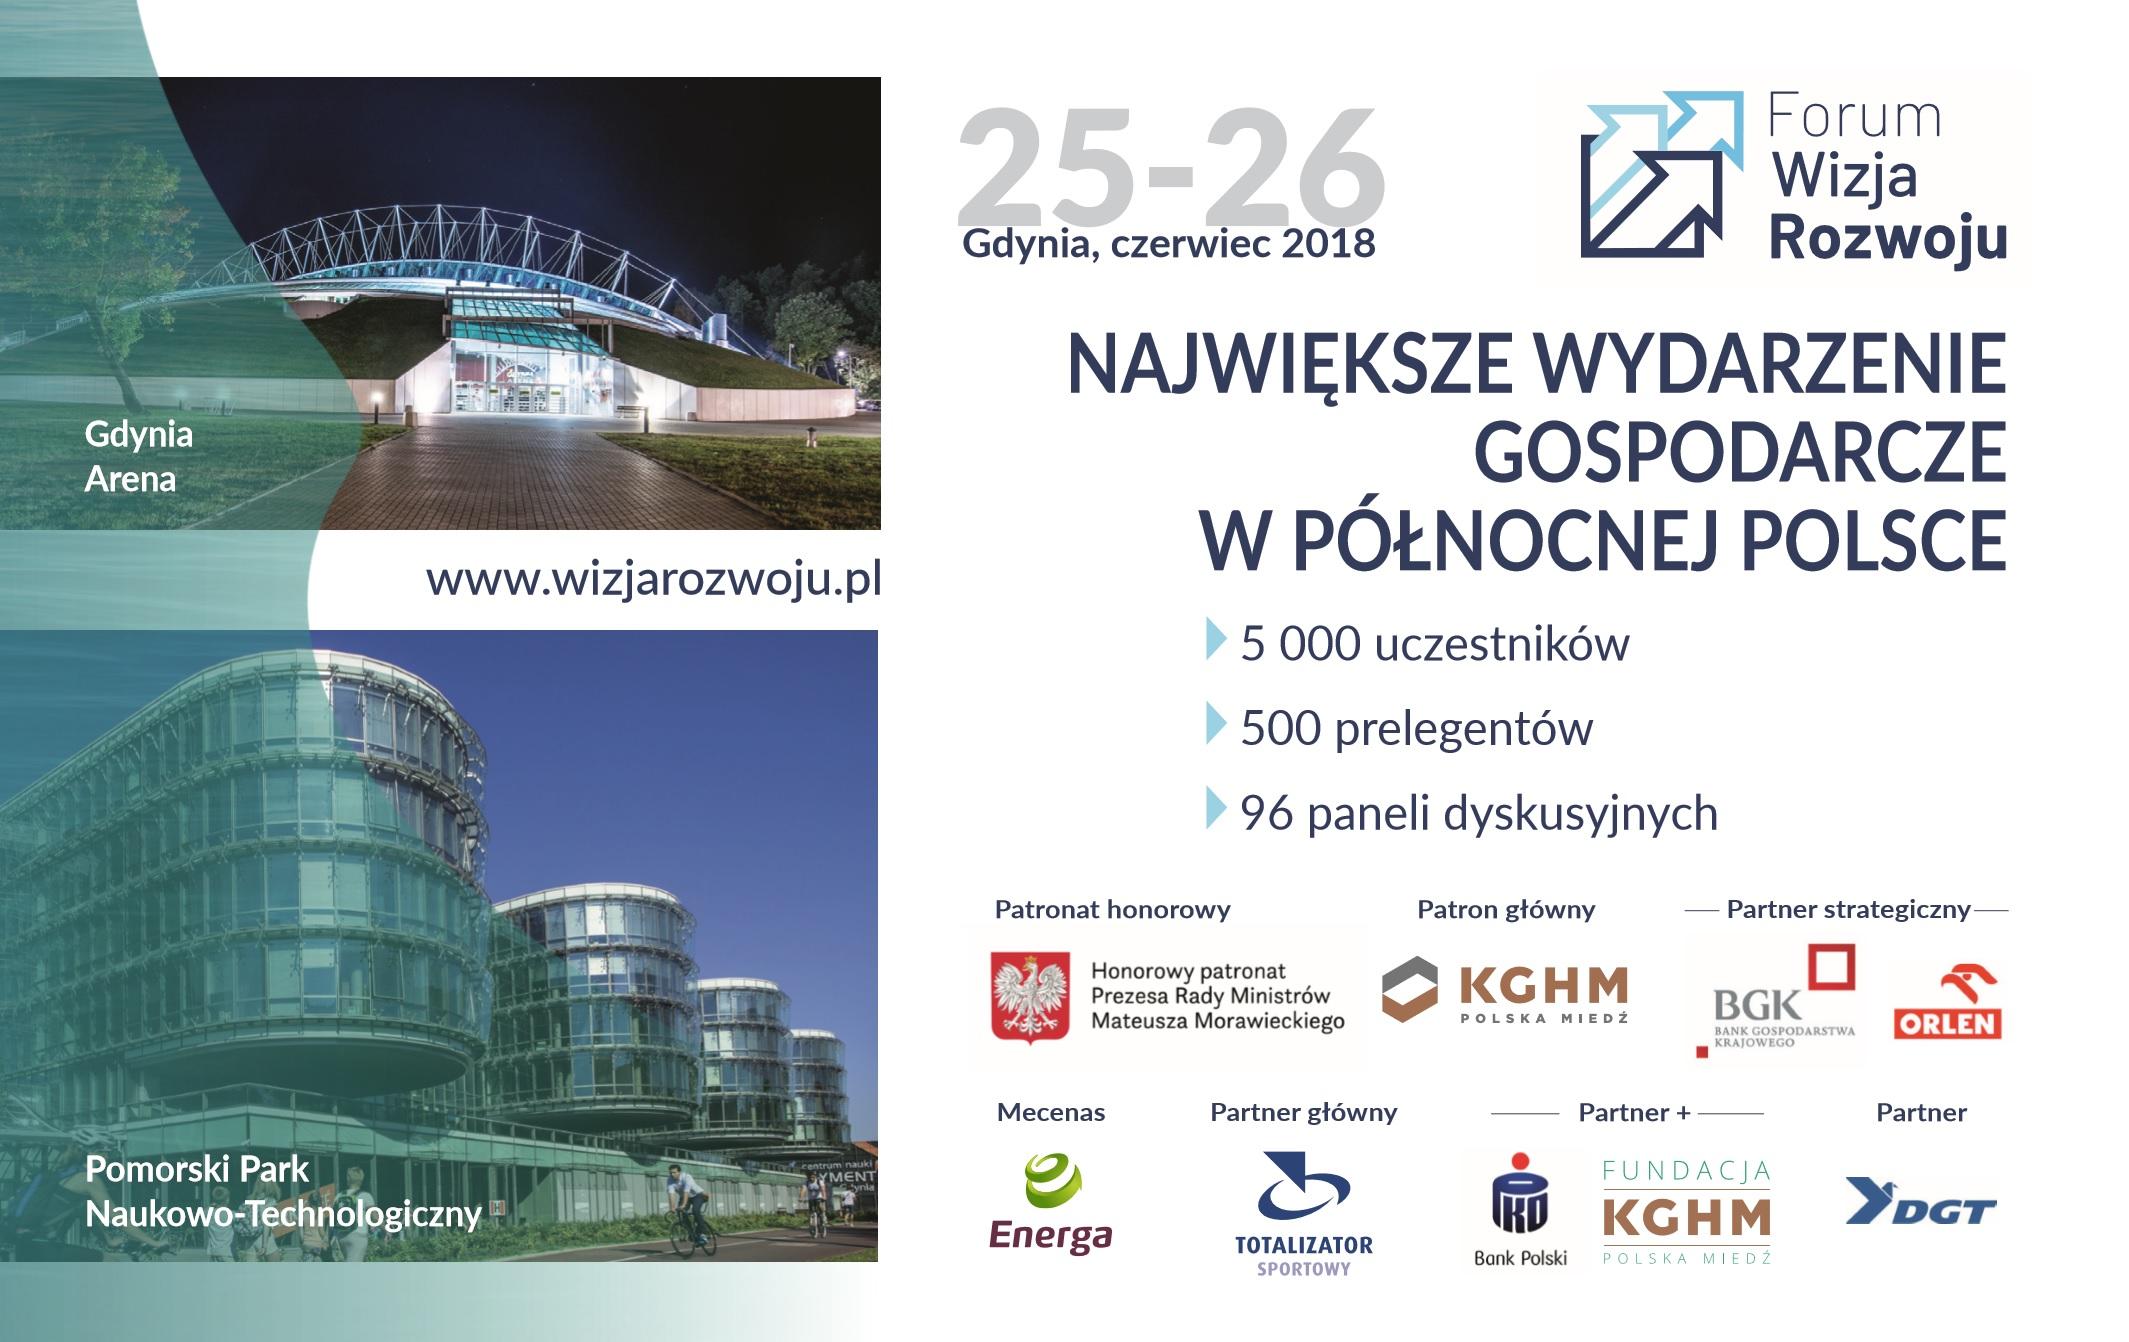 NaKolei.pl - W Gdyni 25 czerwca o godzinie 11.00 startuje Forum Wizja Rozwoju